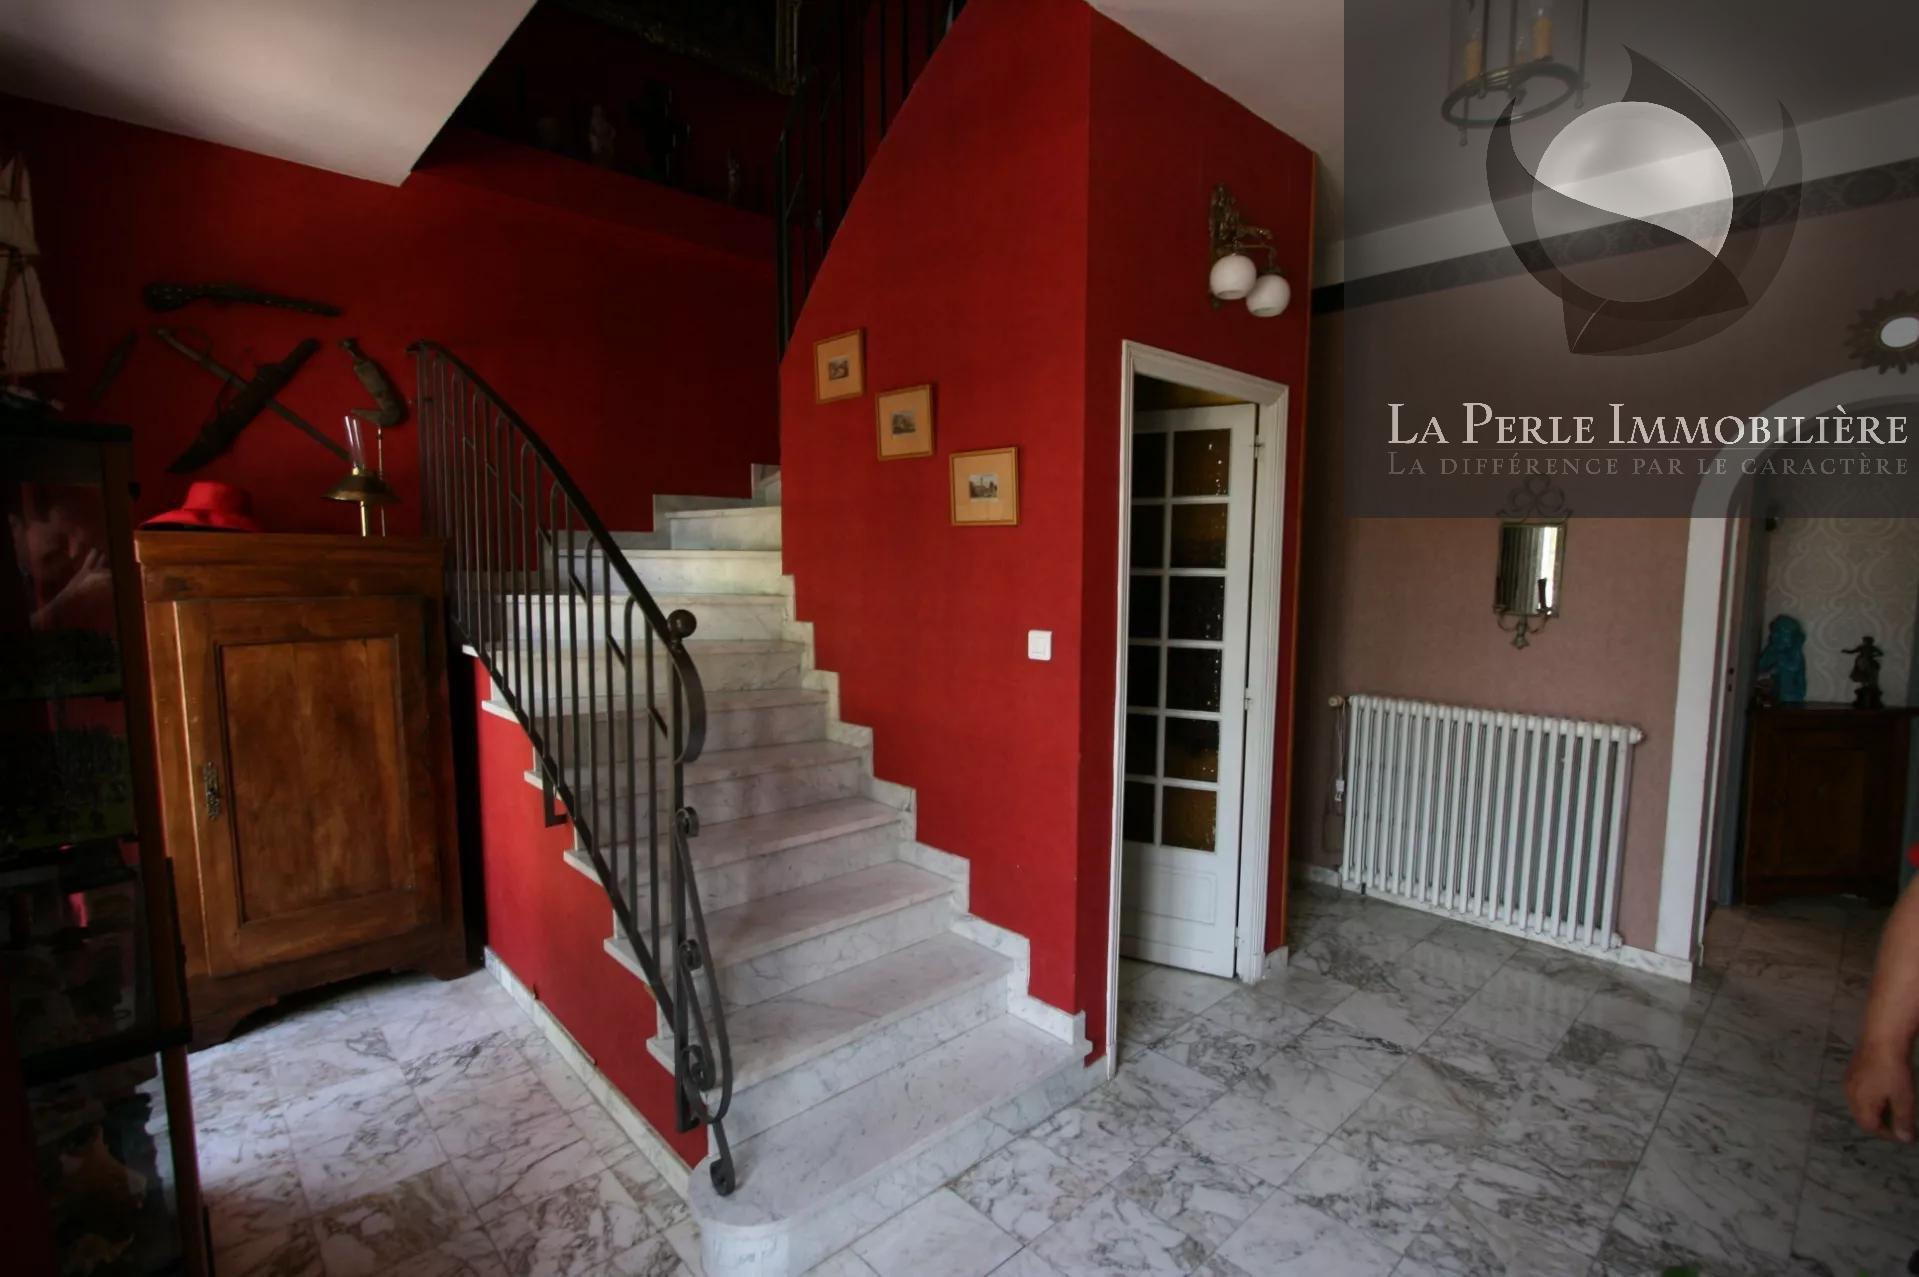 Vente Propriété - Montauban